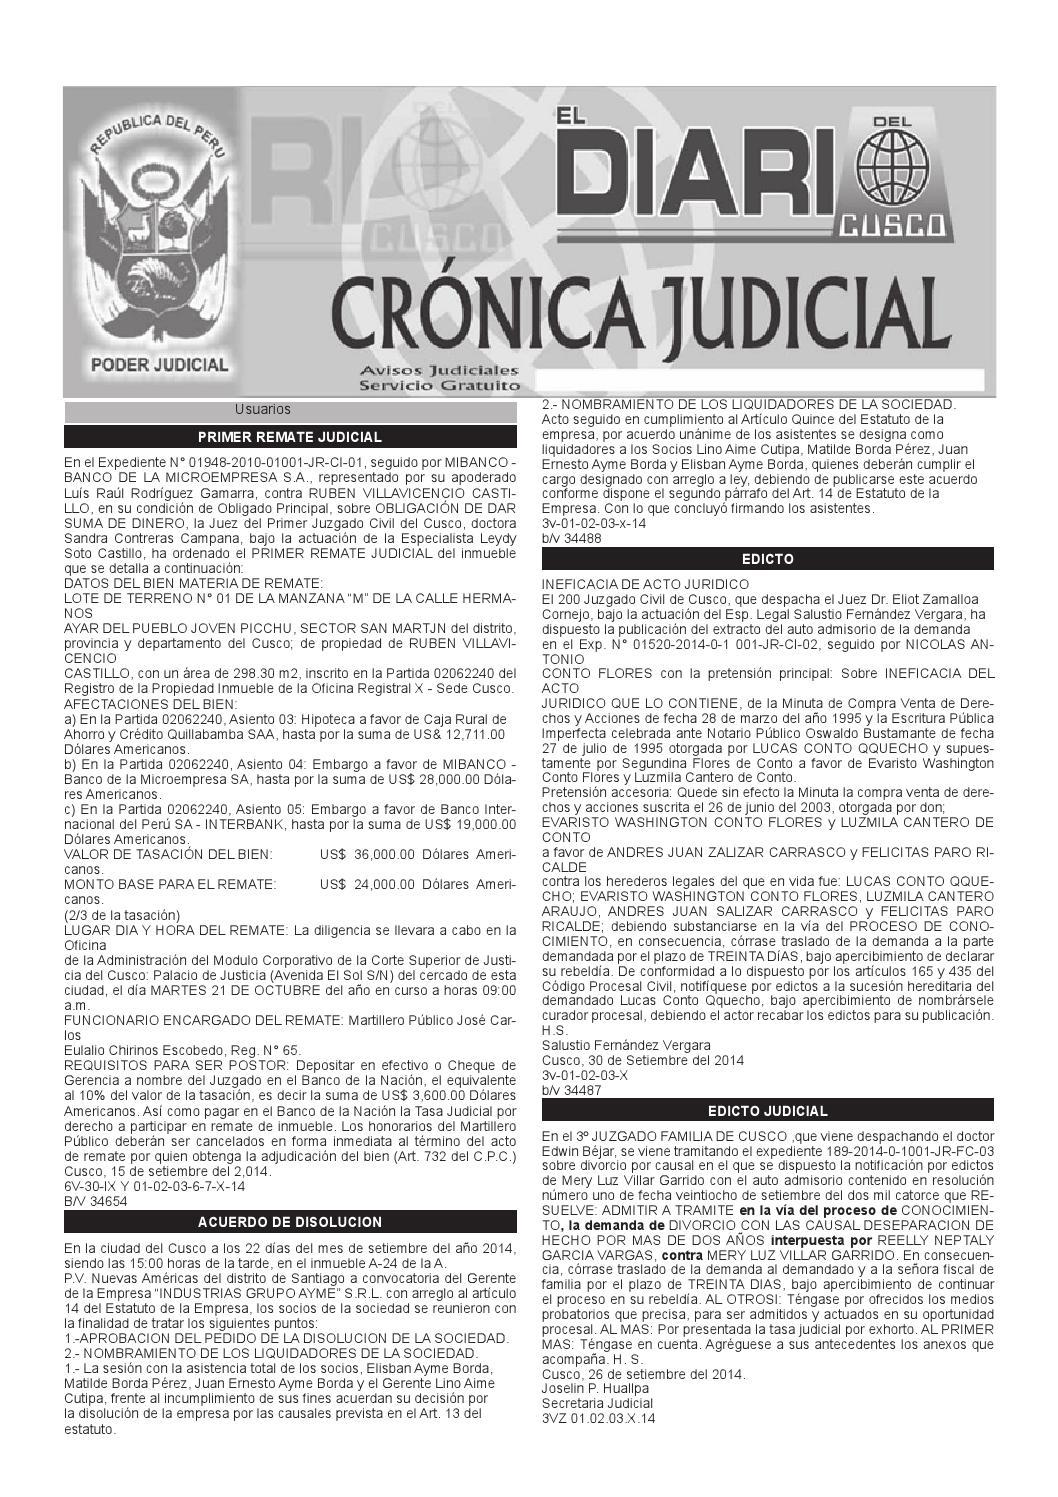 Avisos Judiciales 03 10 14 by El Diario del Cusco - issuu